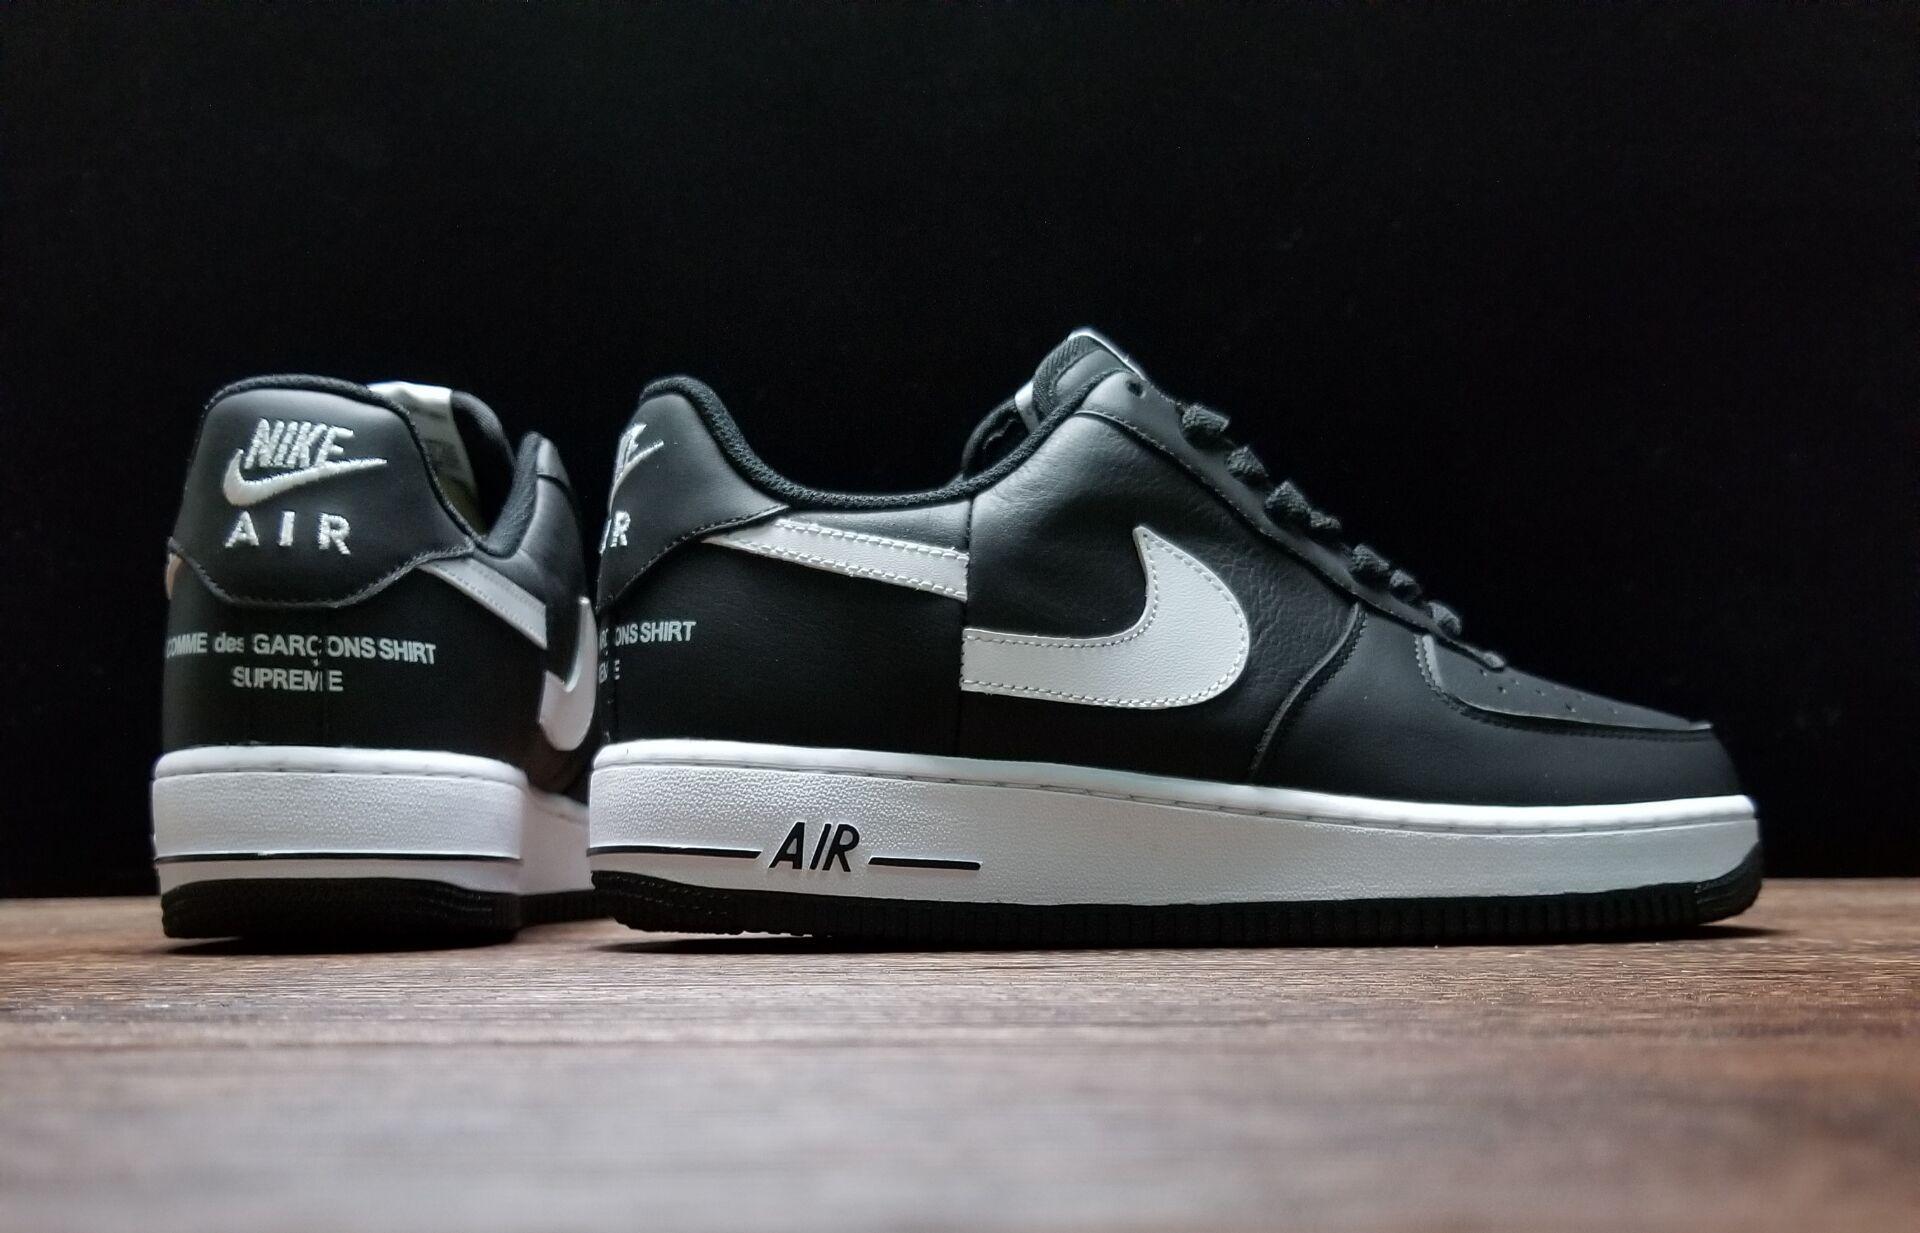 Nike Air Force 1 Low Supreme x Comme des Garcons (2018) Unisex BlackWhite AR7623 001